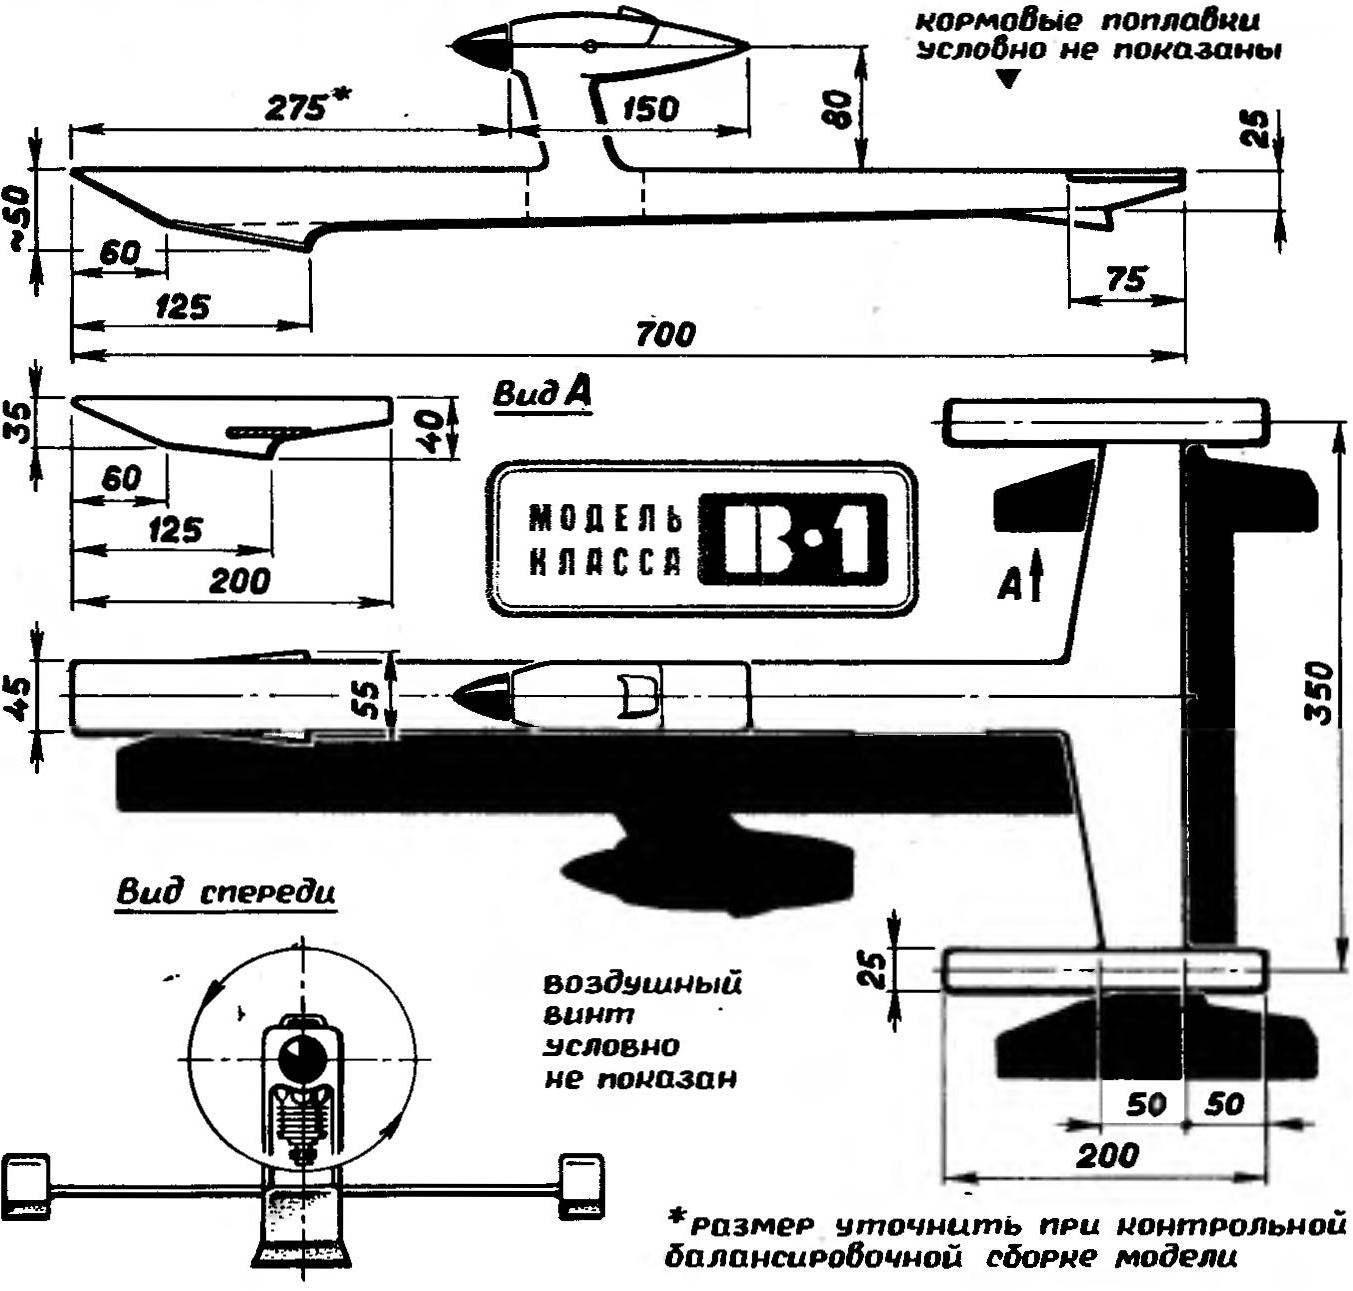 Рис. 1. Основные геометрические параметры модели аэроглиссера с двигателем внутреннего сгорания рабочим объемом 2,5 см3